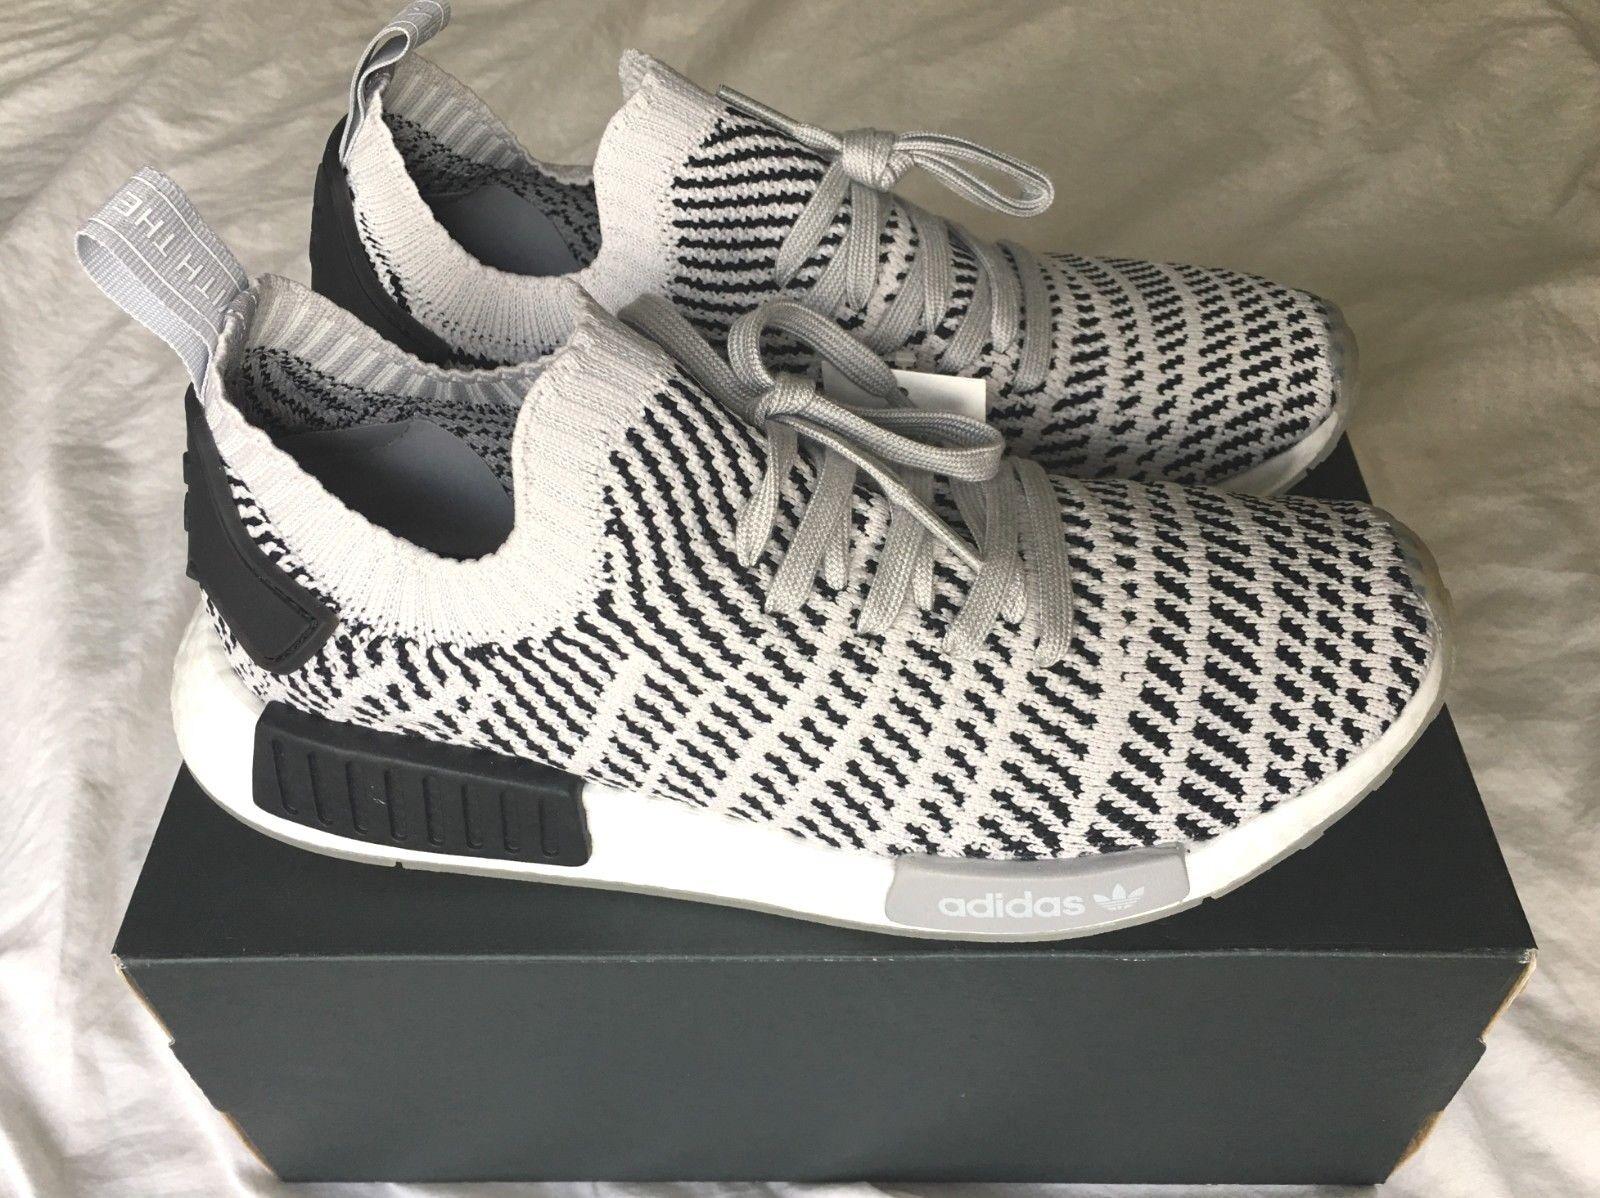 NIB ADIDAS Men Athletic shoes NMD R1 STLT Primeknit Grey Grey Black Size 9